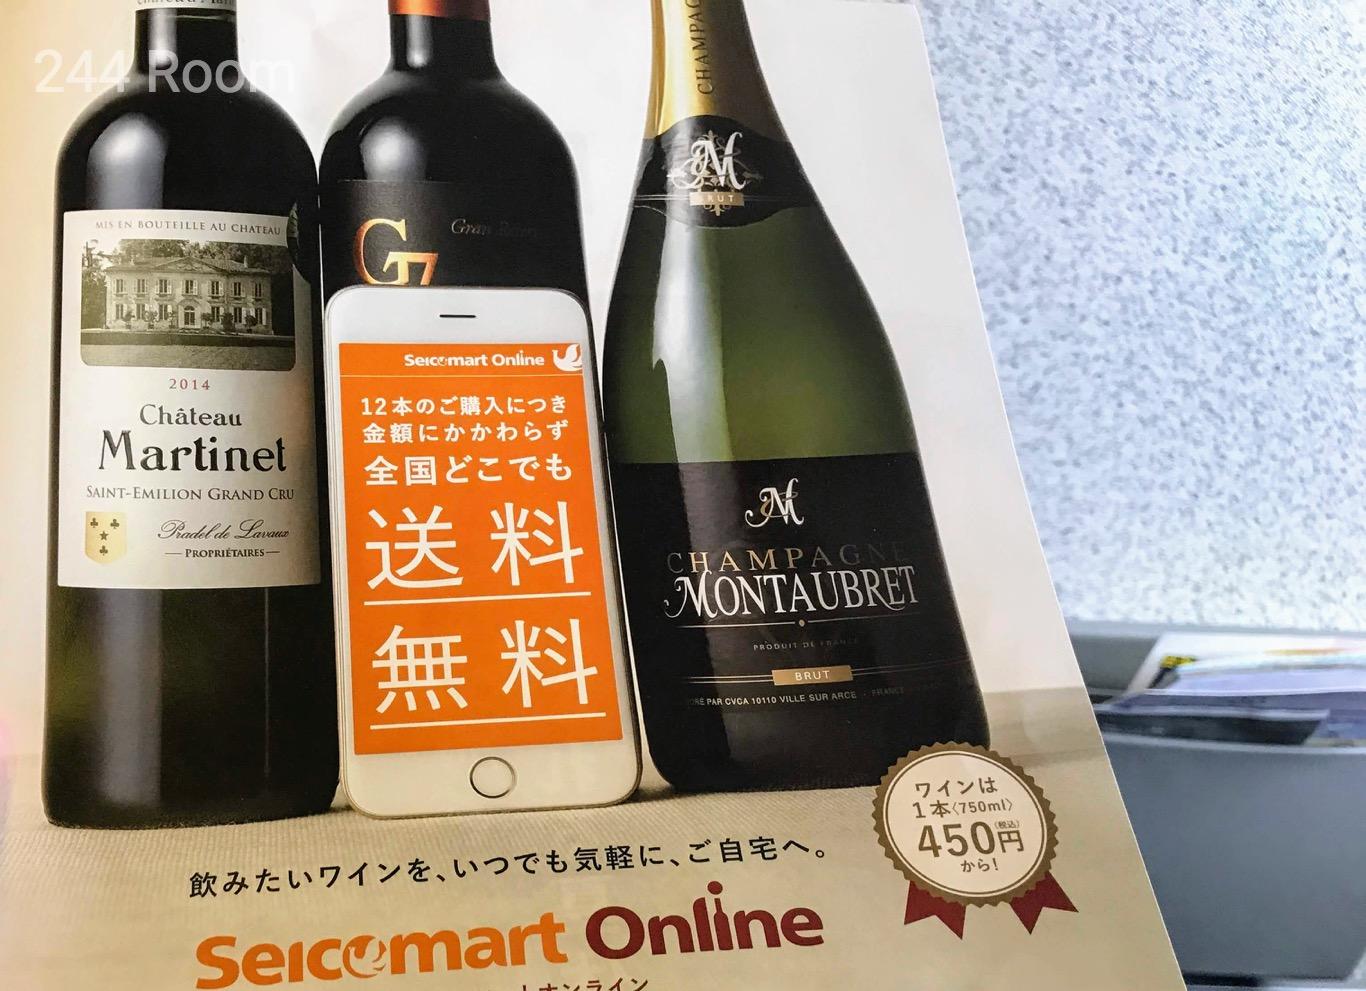 セイコーマートワイン広告